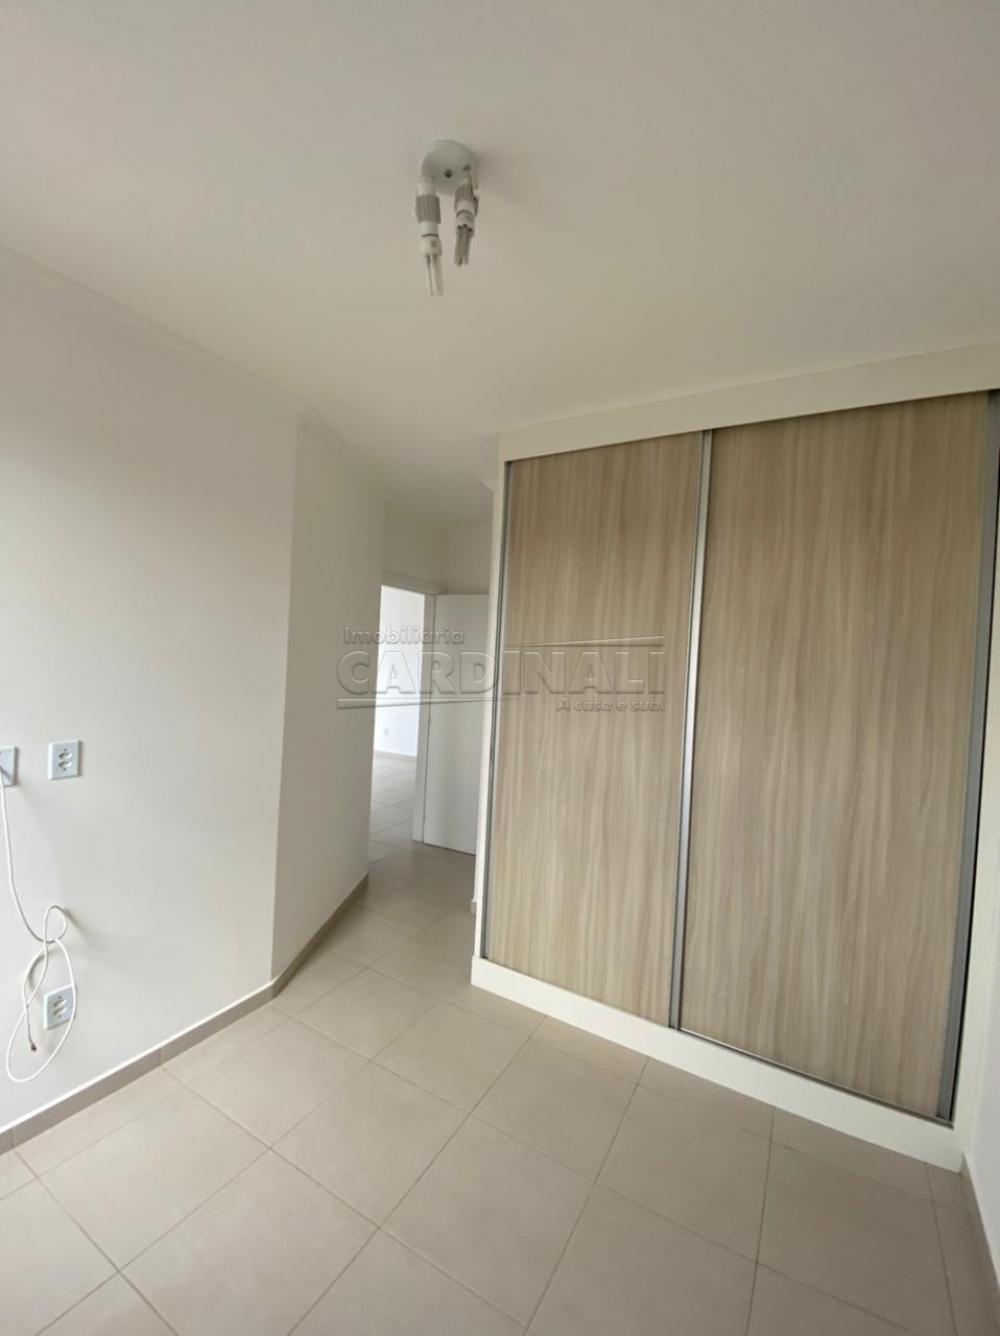 Alugar Apartamento / Padrão em São Carlos R$ 1.700,00 - Foto 8